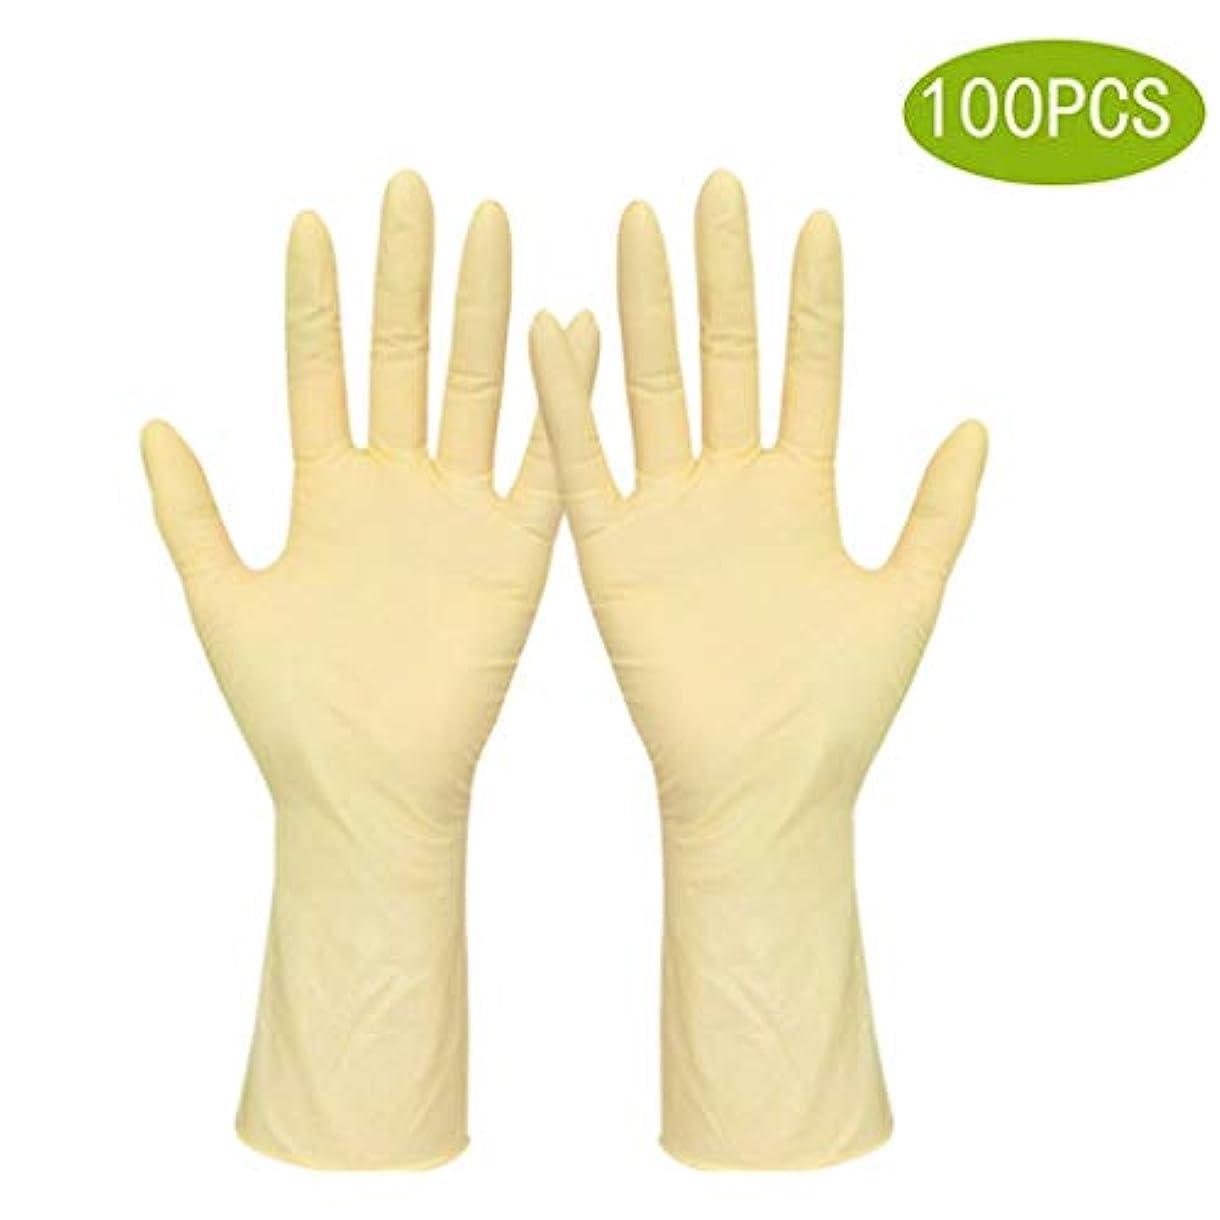 手入れかもめ作曲するラテックス手袋4ミル使い捨て手袋 - 試験グレード、パウダーフリー、テクスチャード加工、非滅菌、小、100個入り (Size : S)